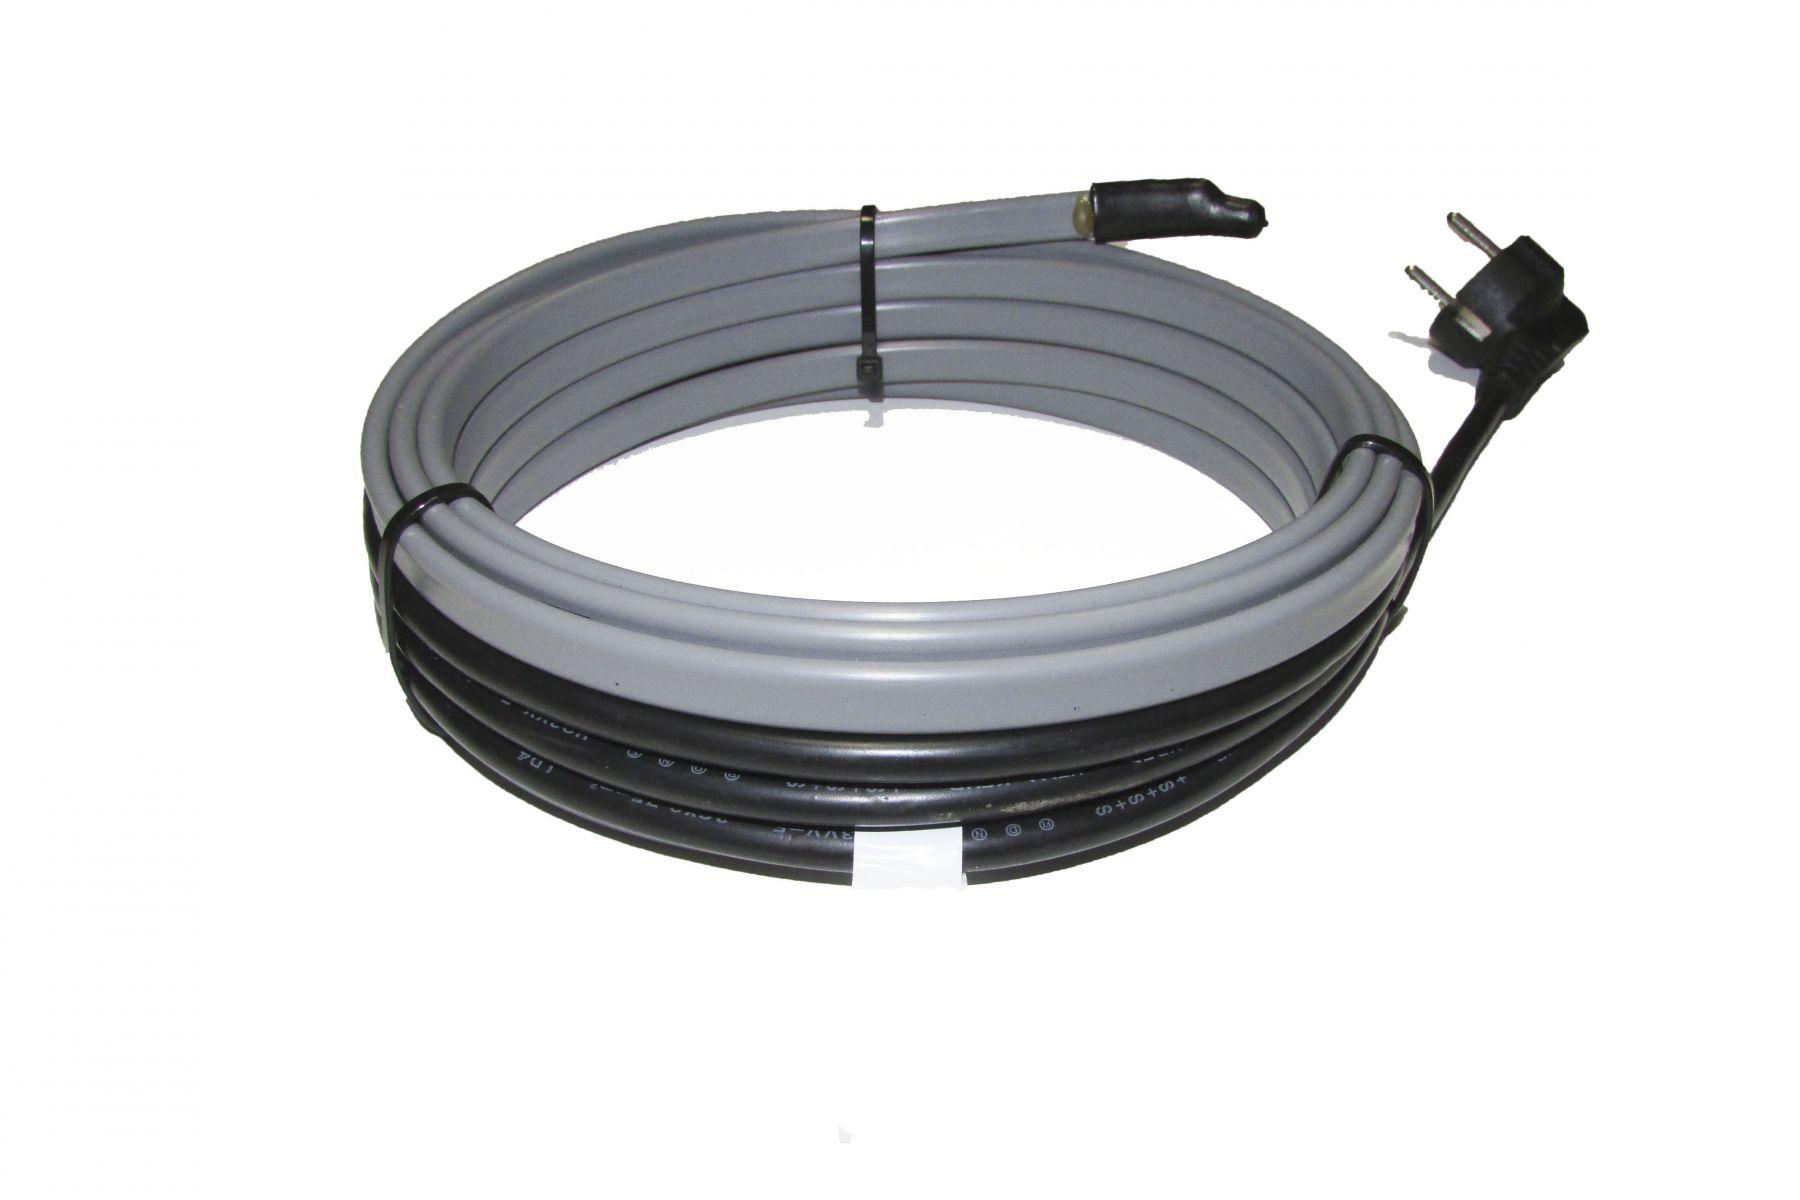 Применение саморегулирующегося греющего кабеля для обогрева труб